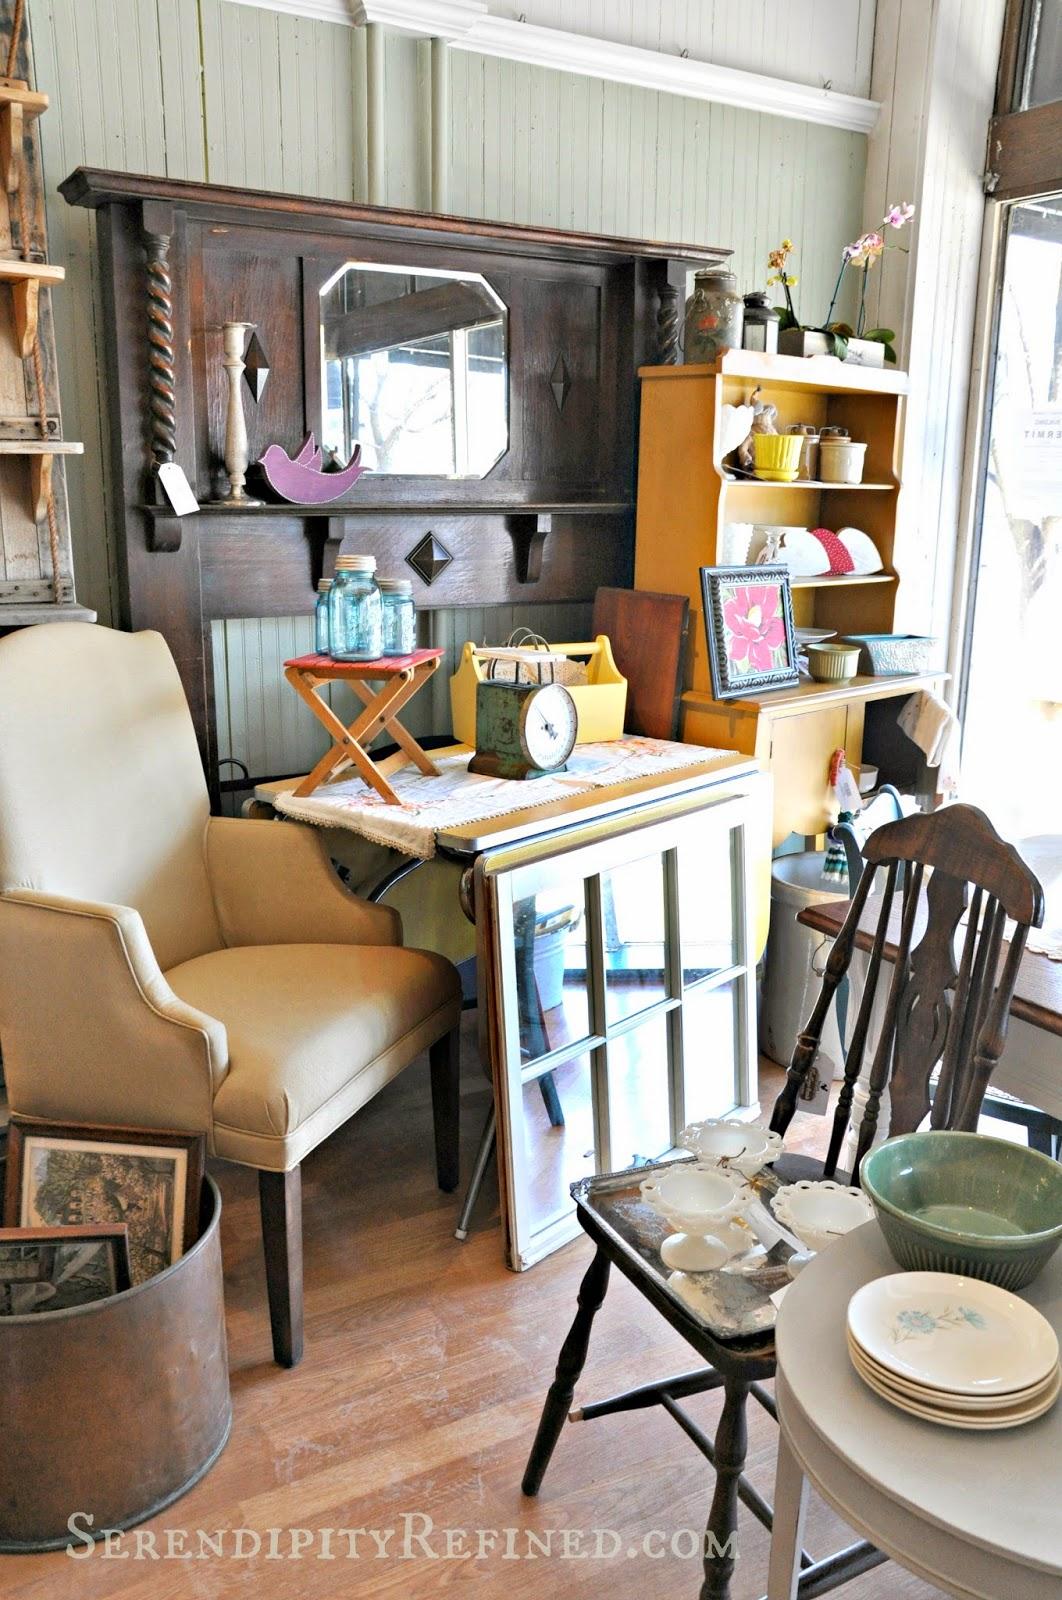 Best Orange County Vintage Furniture Shops